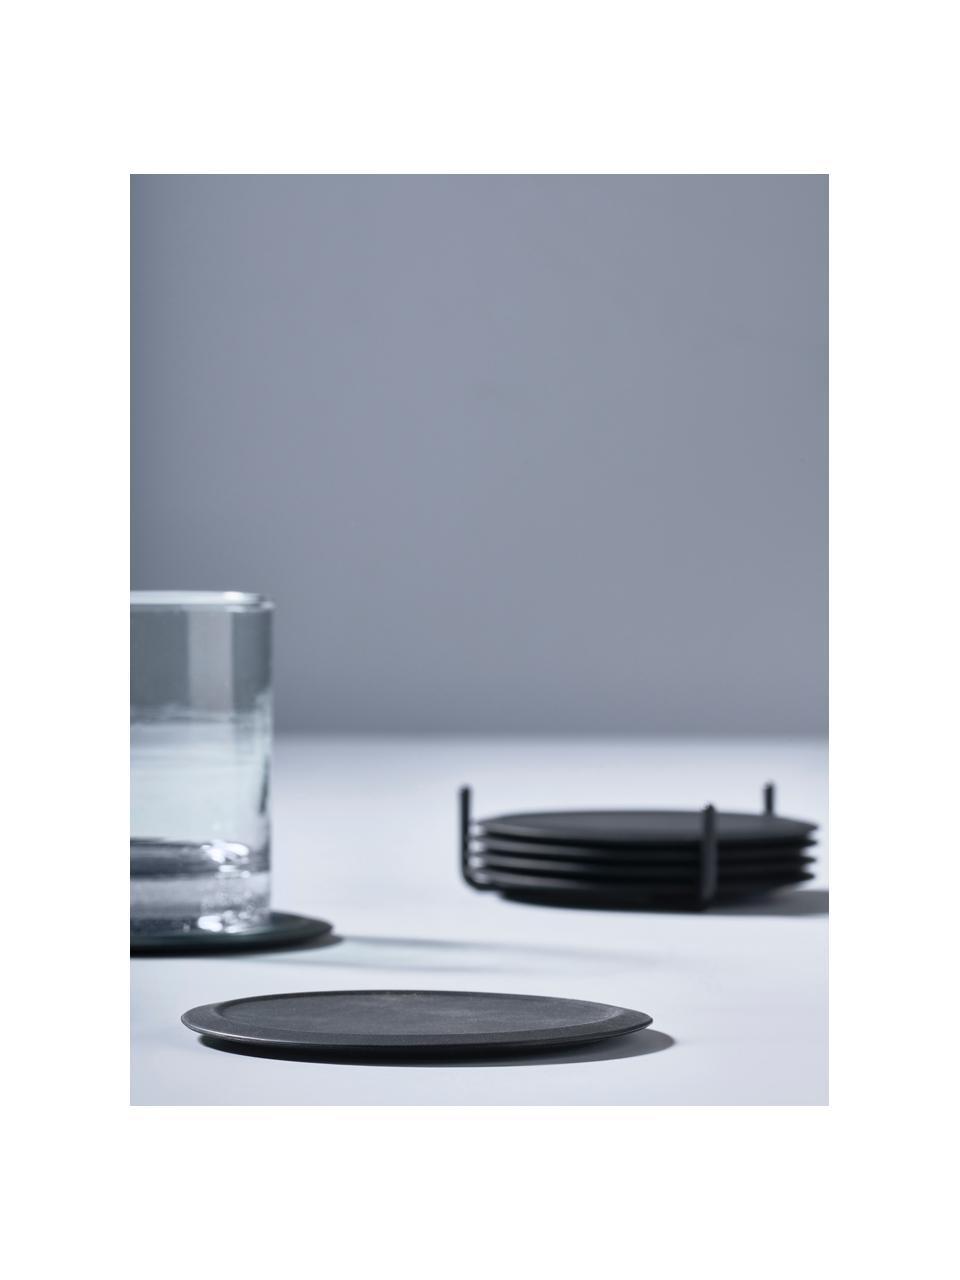 Siliconen onderzetters Plain met houder, 6 stuks, Onderzetter: antislip siliconen, Houder: metaal, Zwart, Ø 10 cm